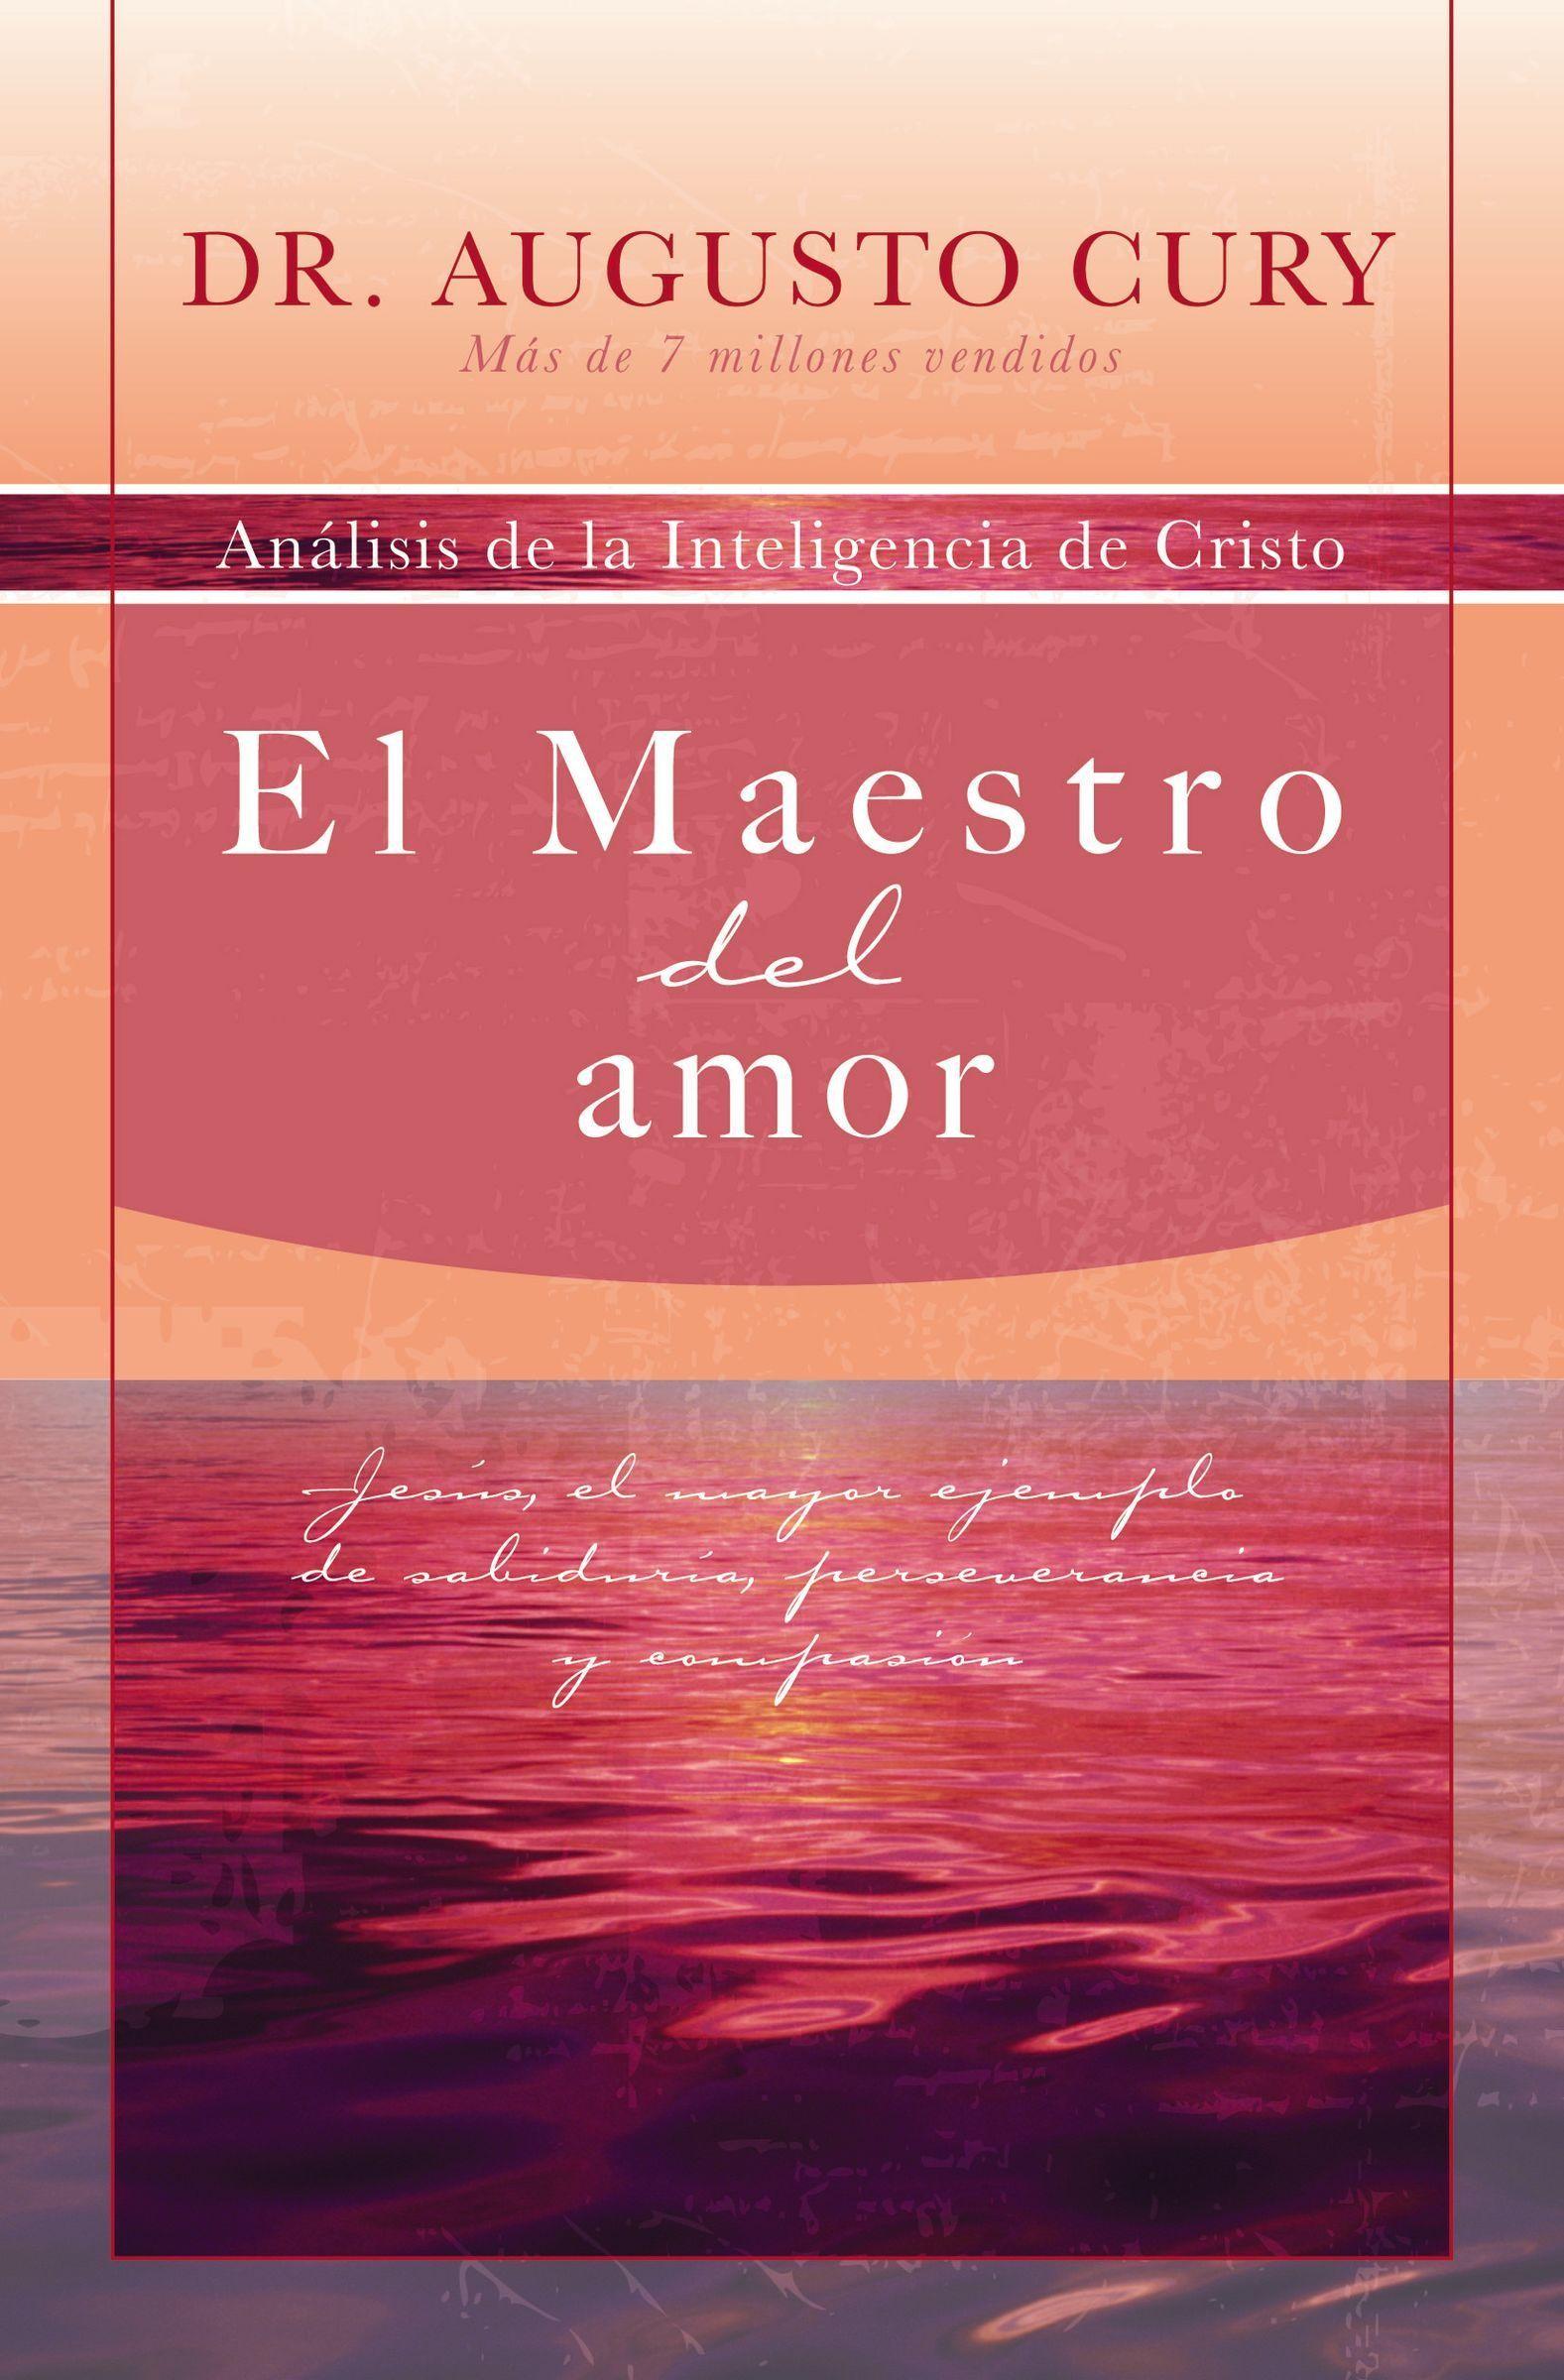 Maestro del amor - 9781602551343 - Cury, Augusto